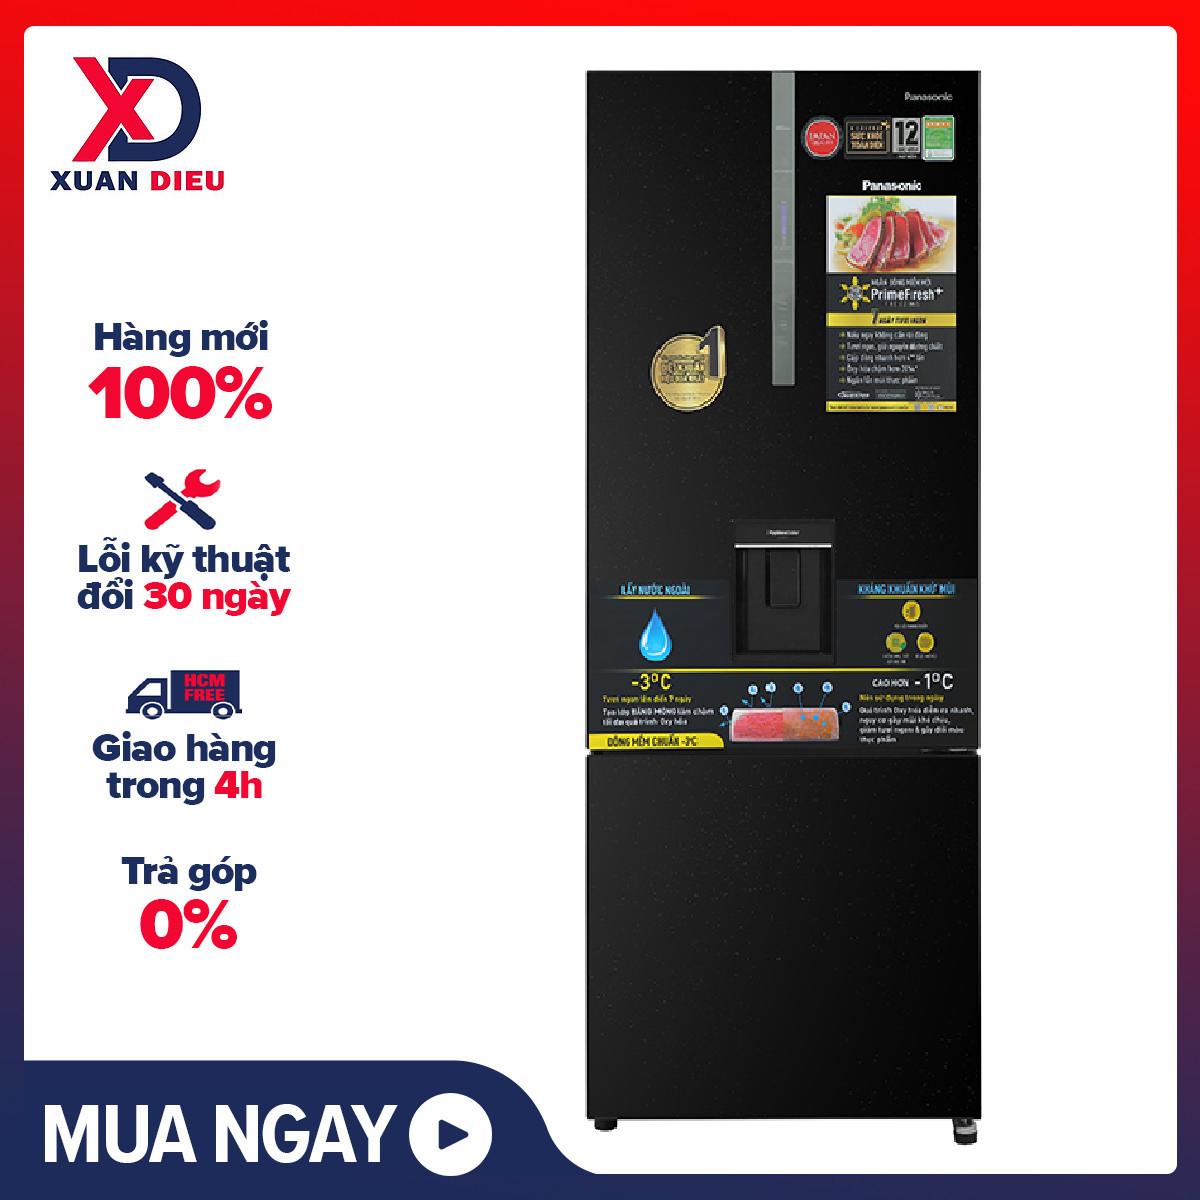 [Trả góp 0%]Tủ lạnh Panasonic NR-BX471GPKV 417 lít Inverter – Lấy nước ngoài kháng khuẩn khử mùi Công nghệ kháng khuẩn Ag Clean với tinh thể bạc Ag+ -Giao hàng miễn phí HCM